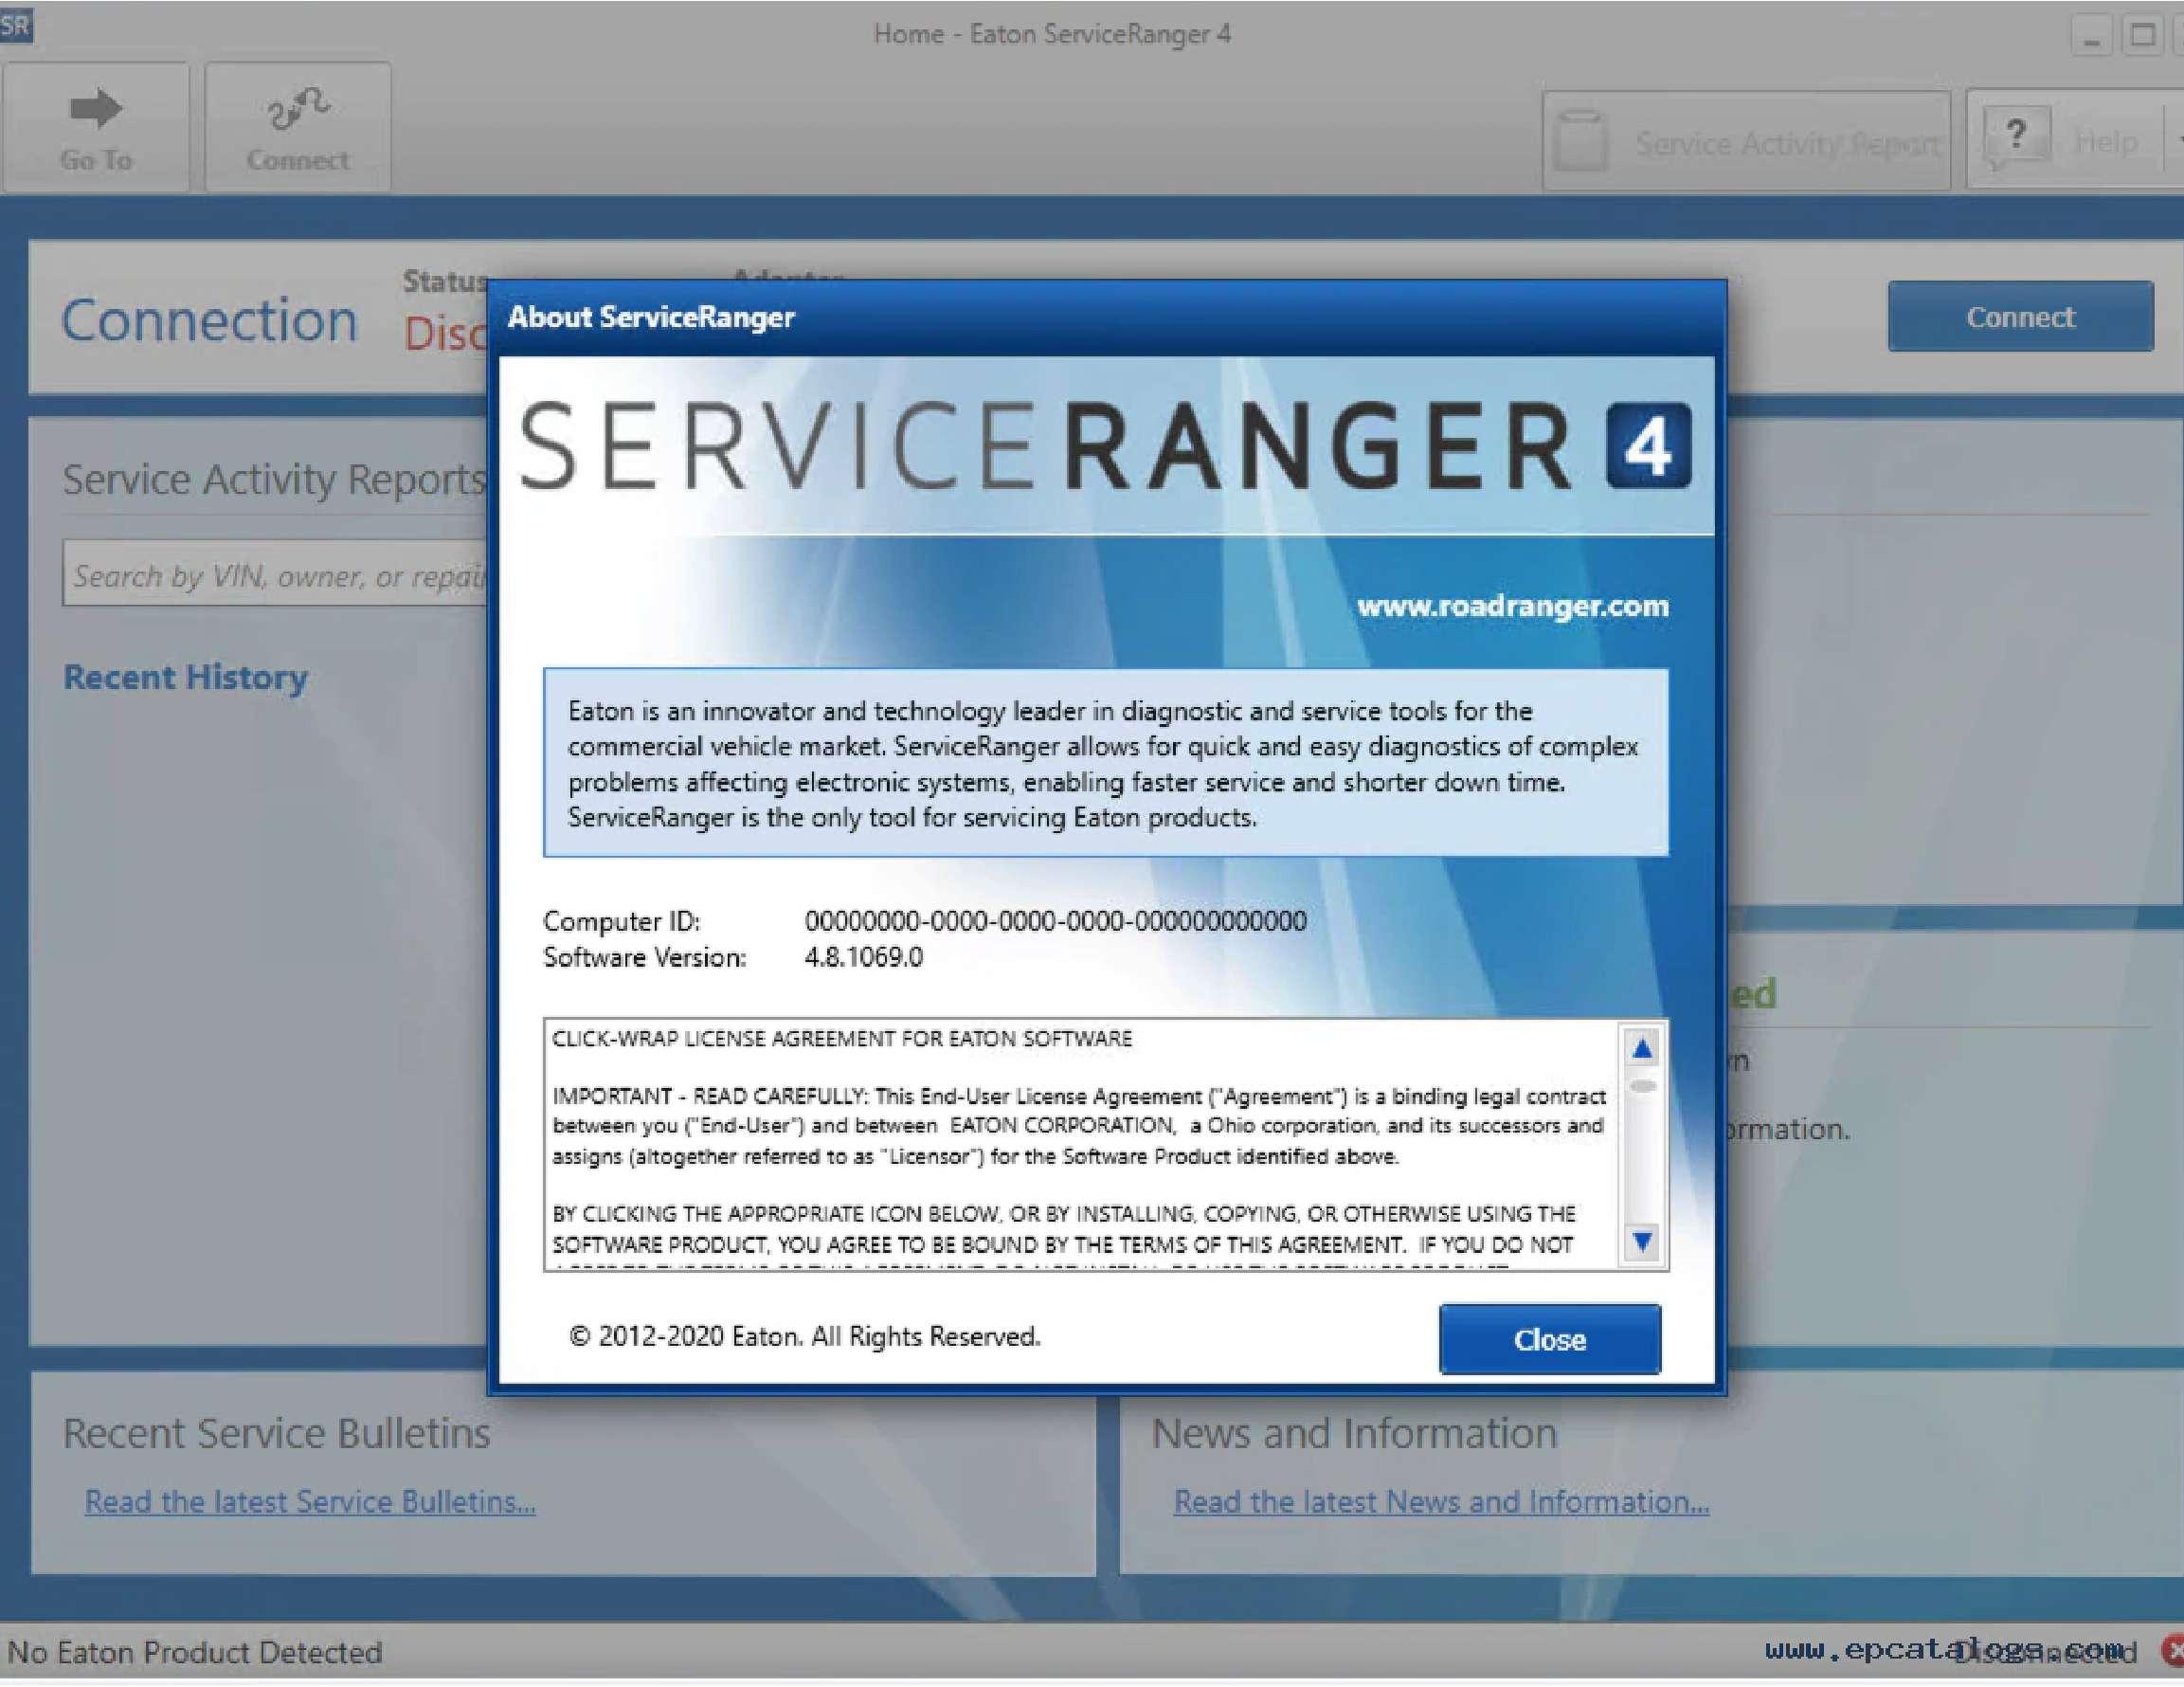 Eaton ServiceRanger 4.9 SS-01